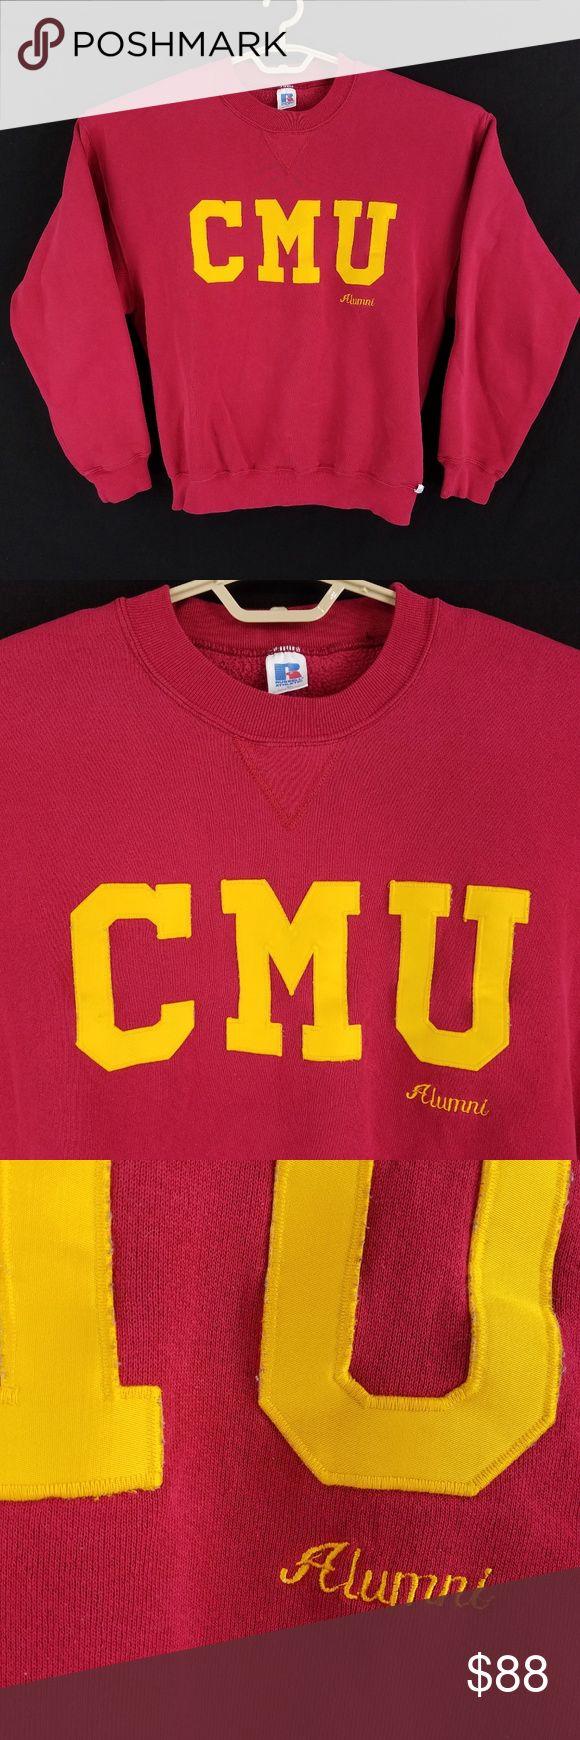 Vintage Cmu Central Michigan Alumni Sweatshirt Sweatshirts Sweatshirt Shirt Athletic Shirts [ 1740 x 580 Pixel ]